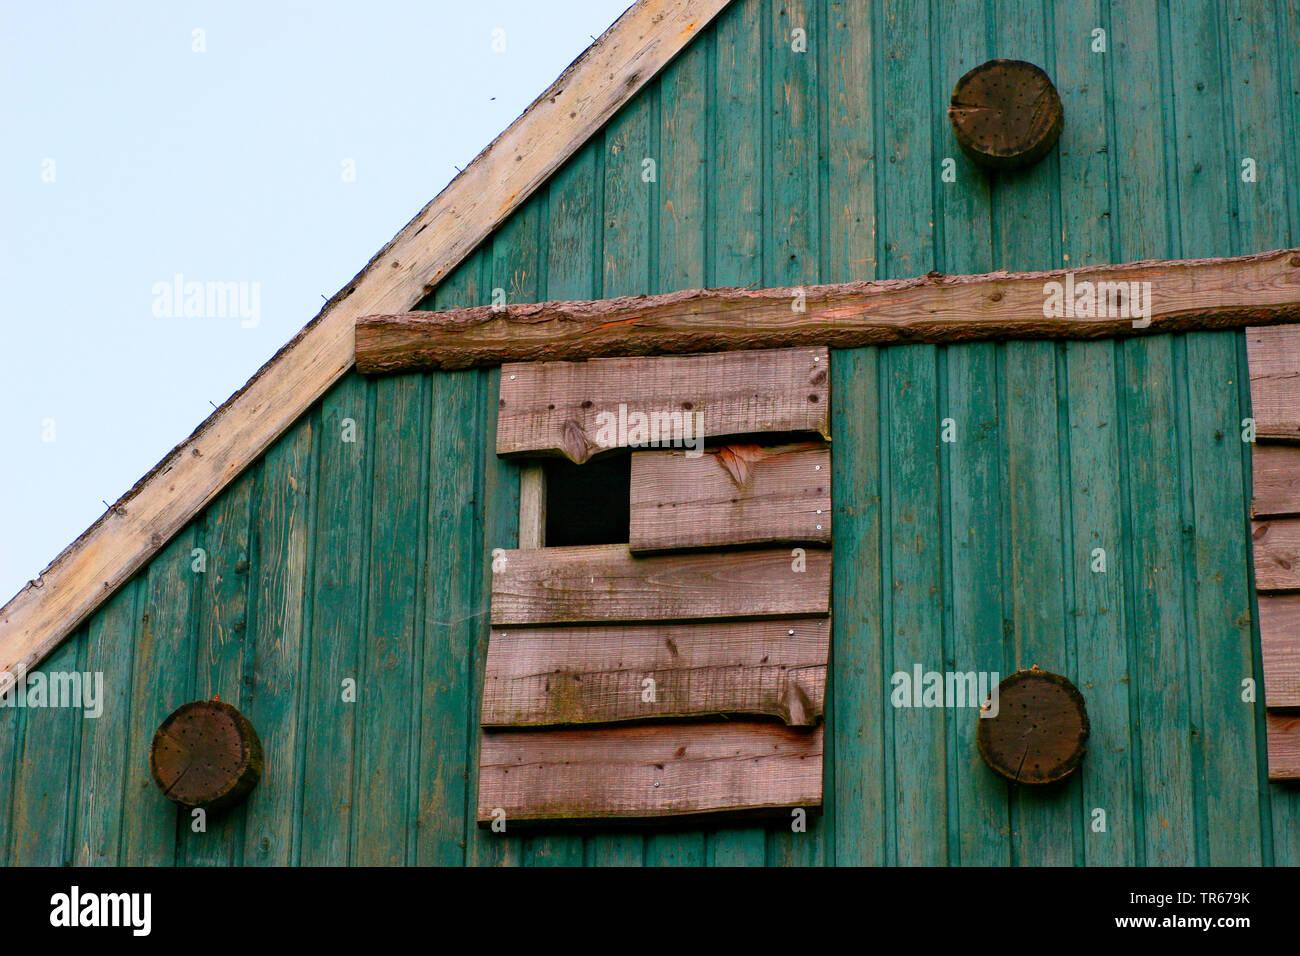 Schleiereule, Schleier-Eule (Tyto alba), Uhlenflucht an einem Scheunengiebel, Einflugoeffnung fuer Schleiereule, Deutschland | Barn owl (Tyto alba), e - Stock Image